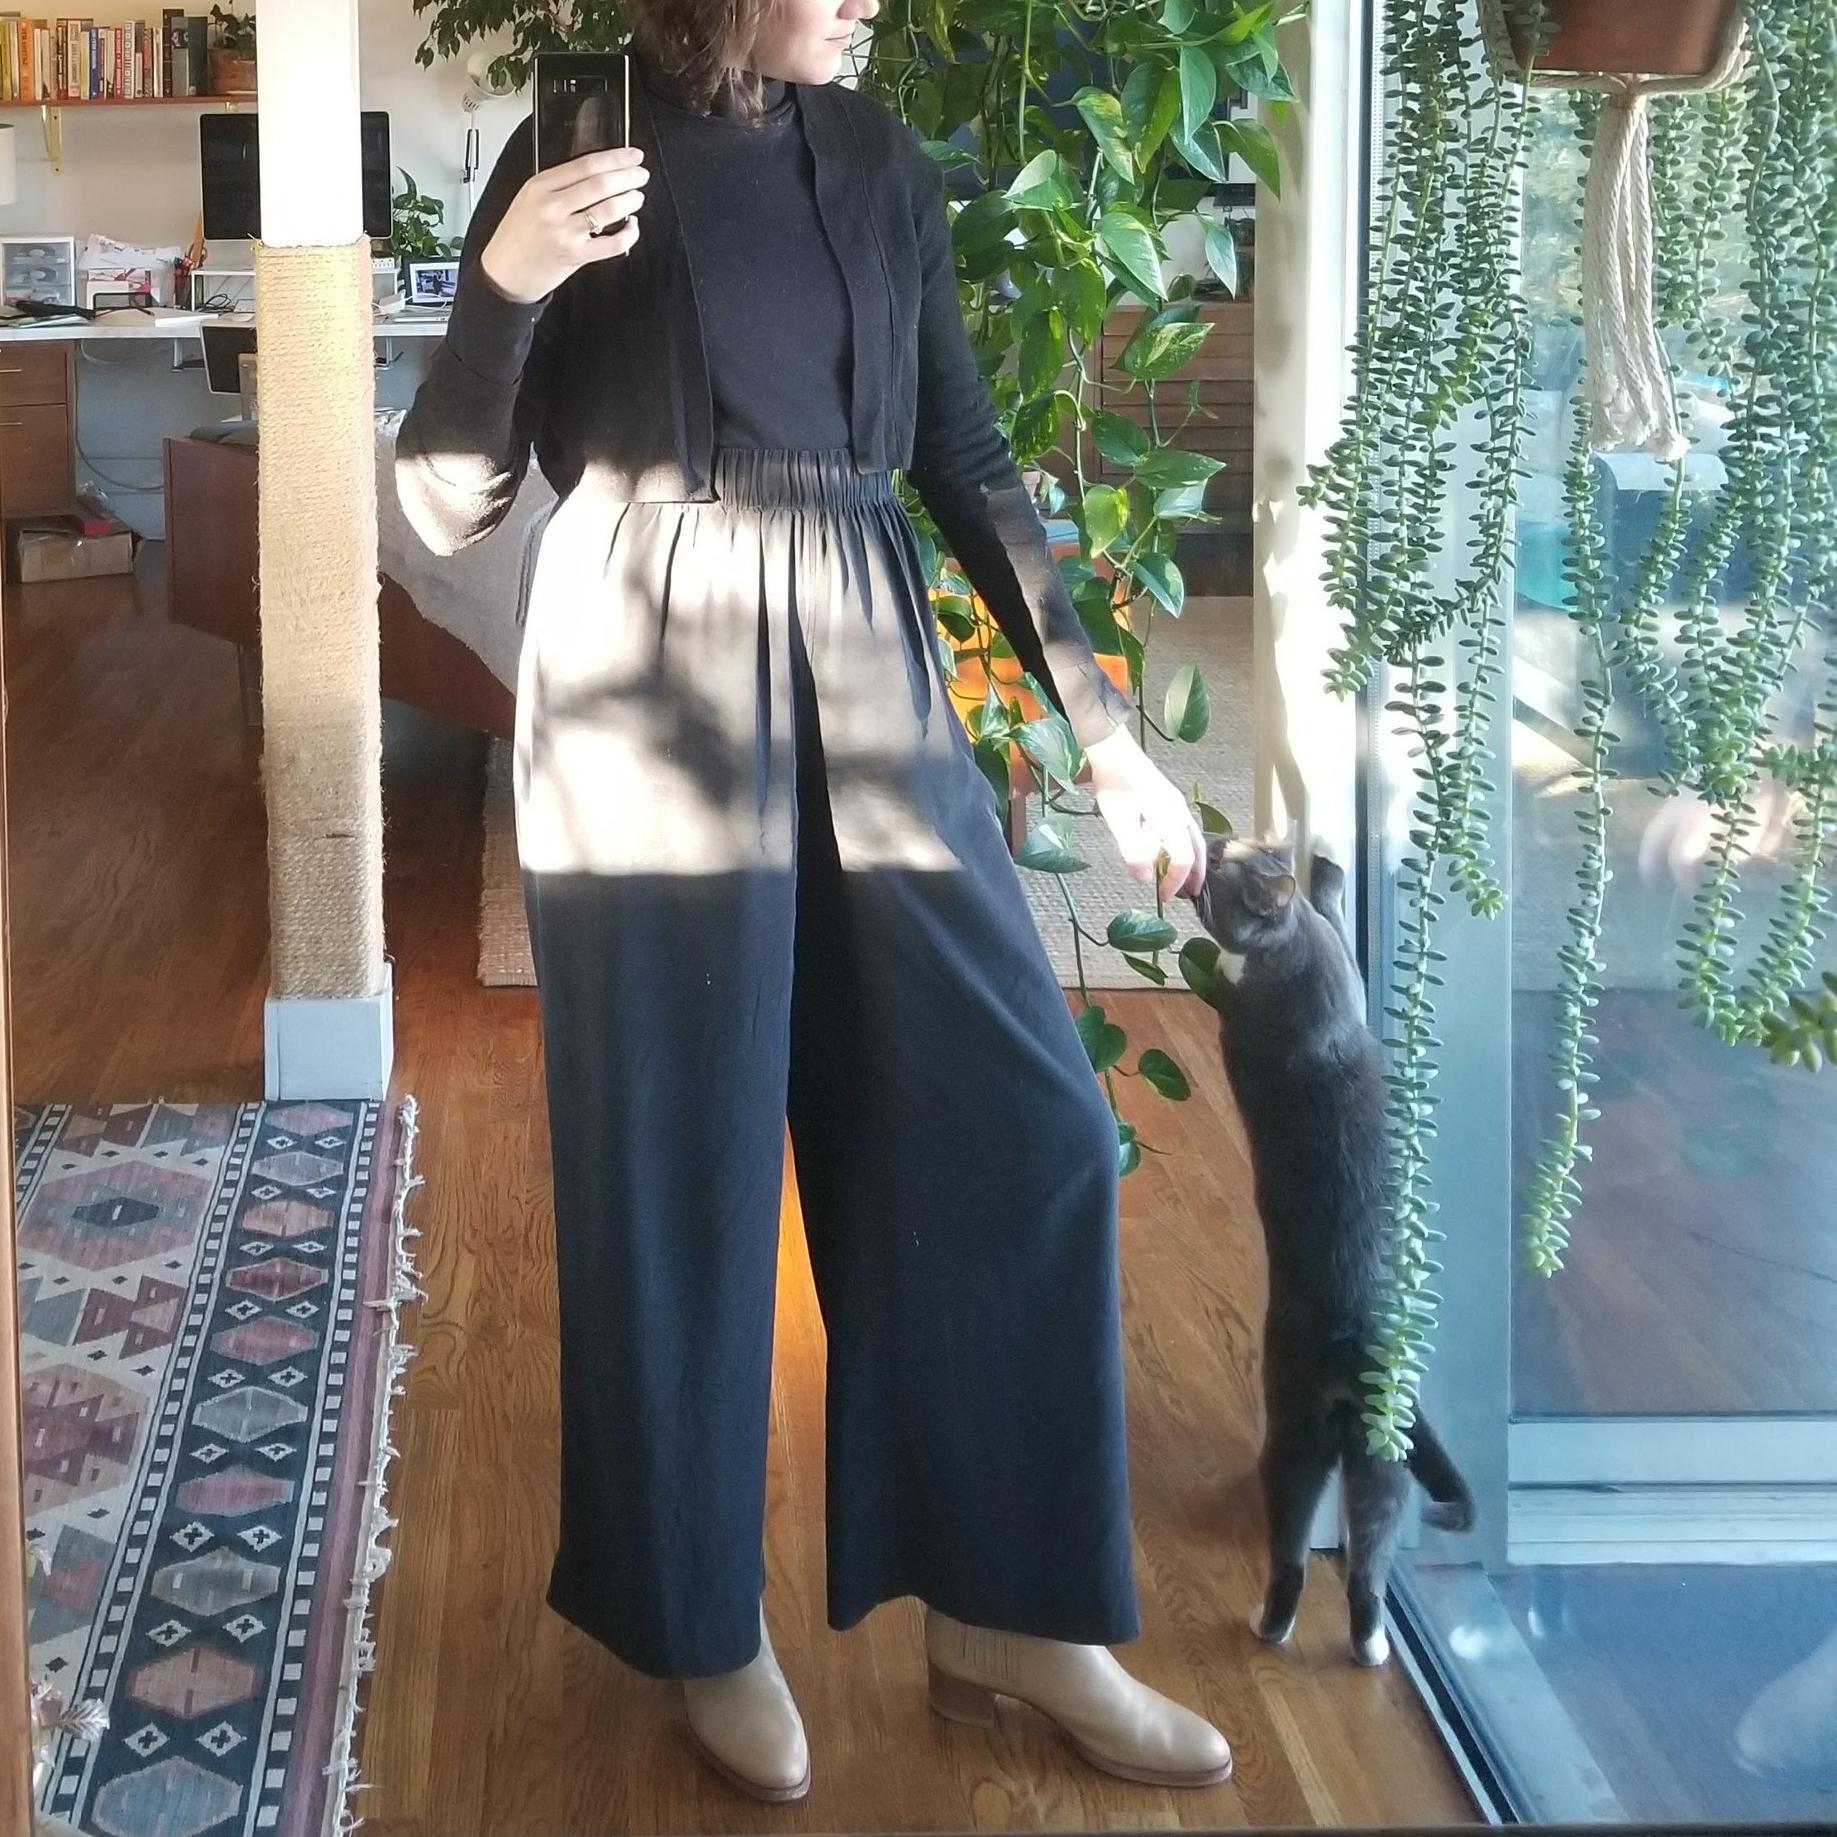 Kotn turtleneck +Elizabeth Suzann florence pants + Veronique Branquinho boots